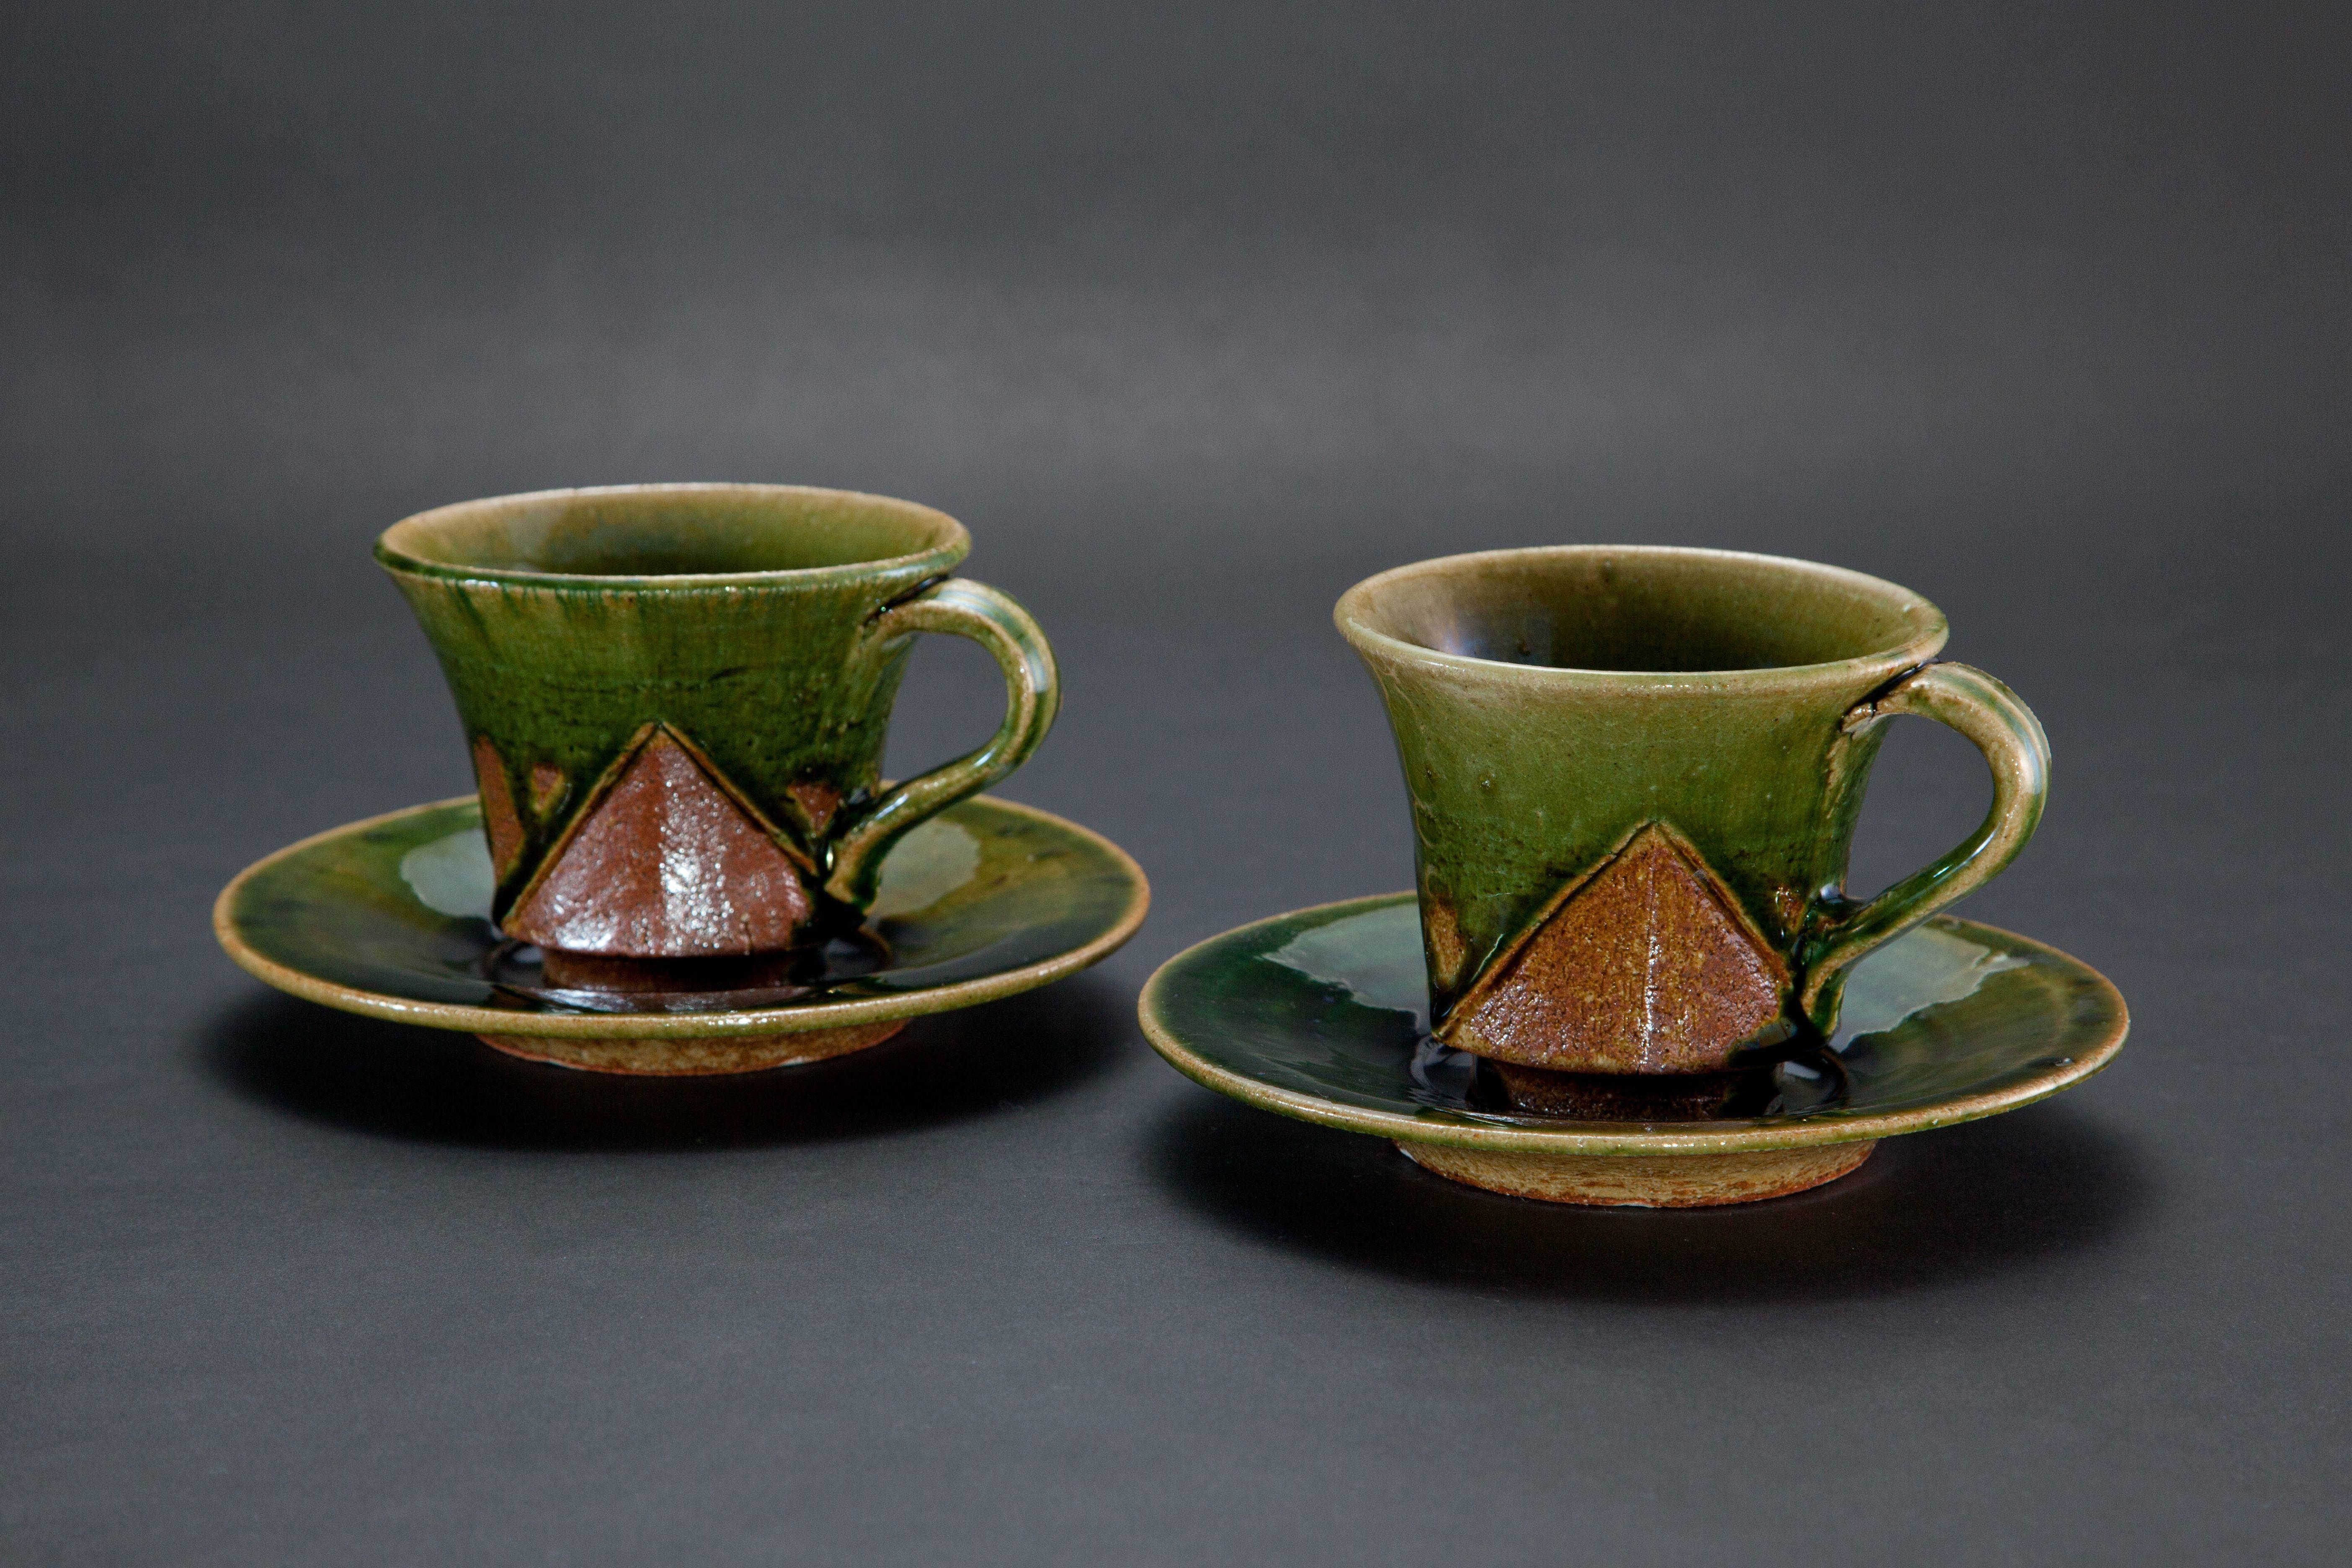 織部刻文珈琲碗皿(2点)Cup and saucer with engraved, amber glaze 2012